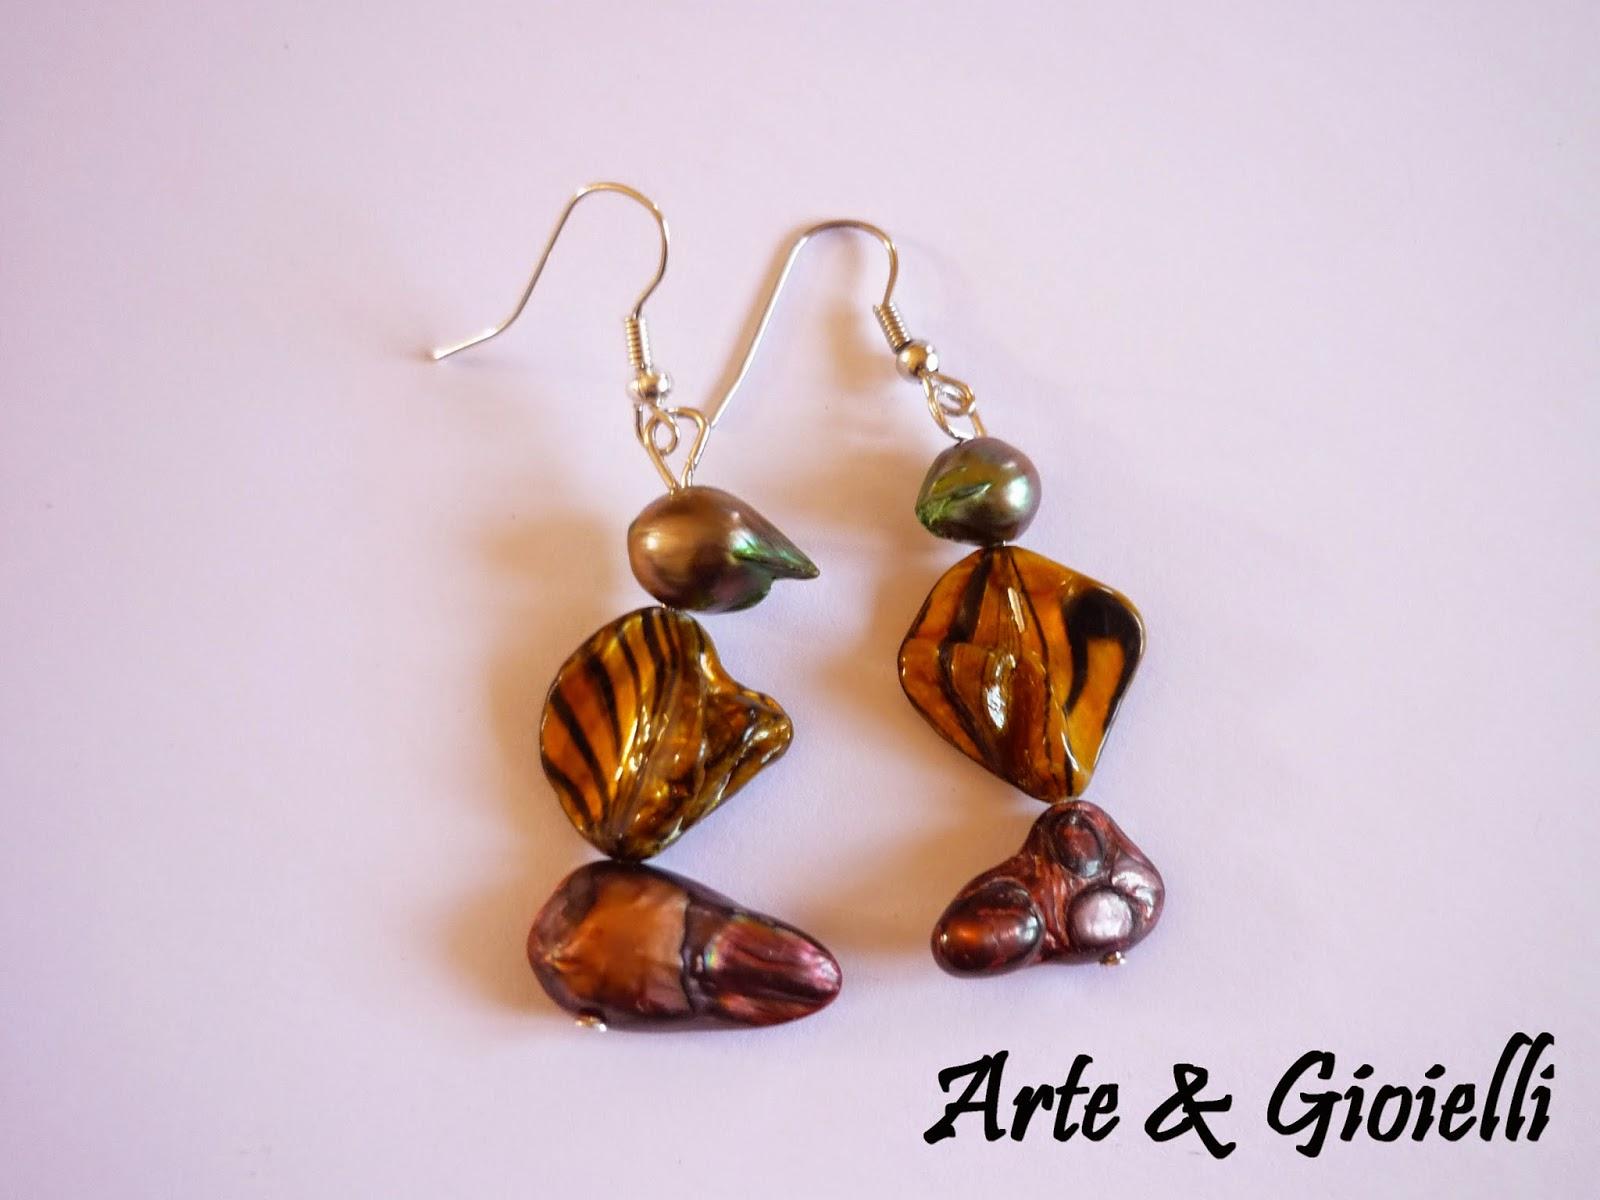 Arte gioielli orecchini in perle di fiume for Siti cinesi gioielli